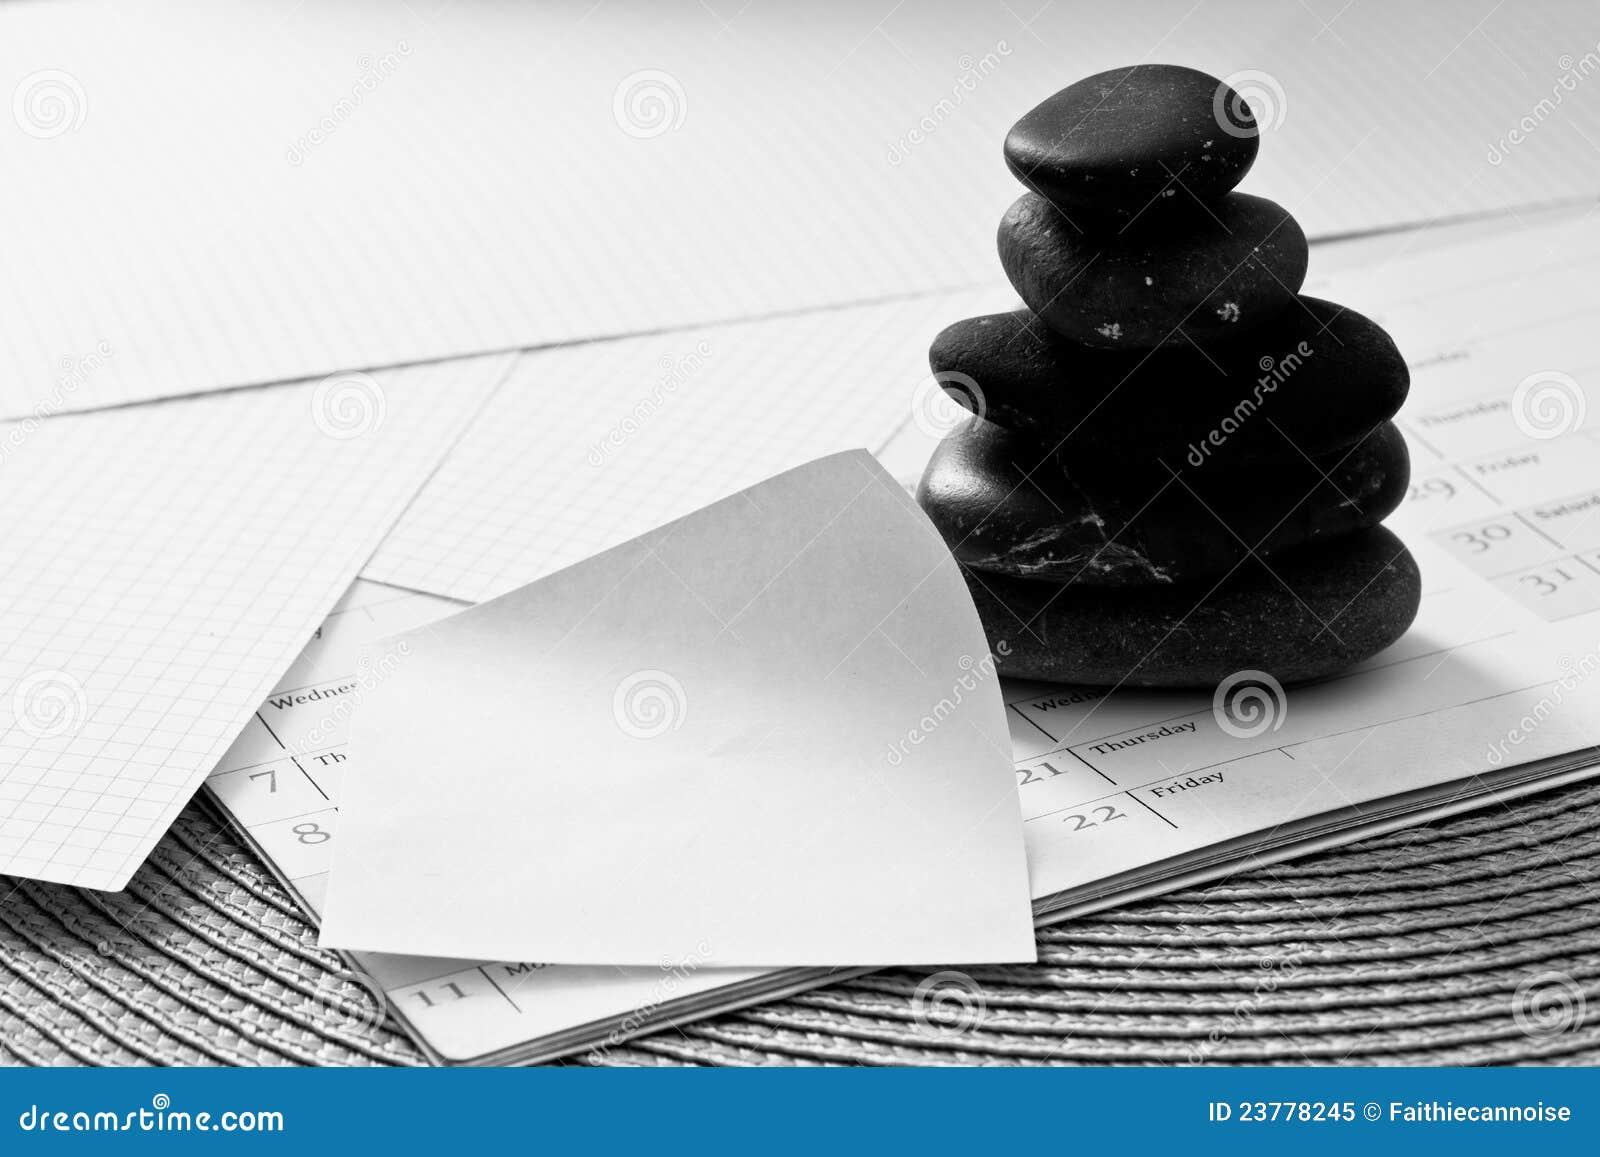 πέτρες μεταφοράς επιχειρησιακών κενές υπομνημάτων ισορροπίας